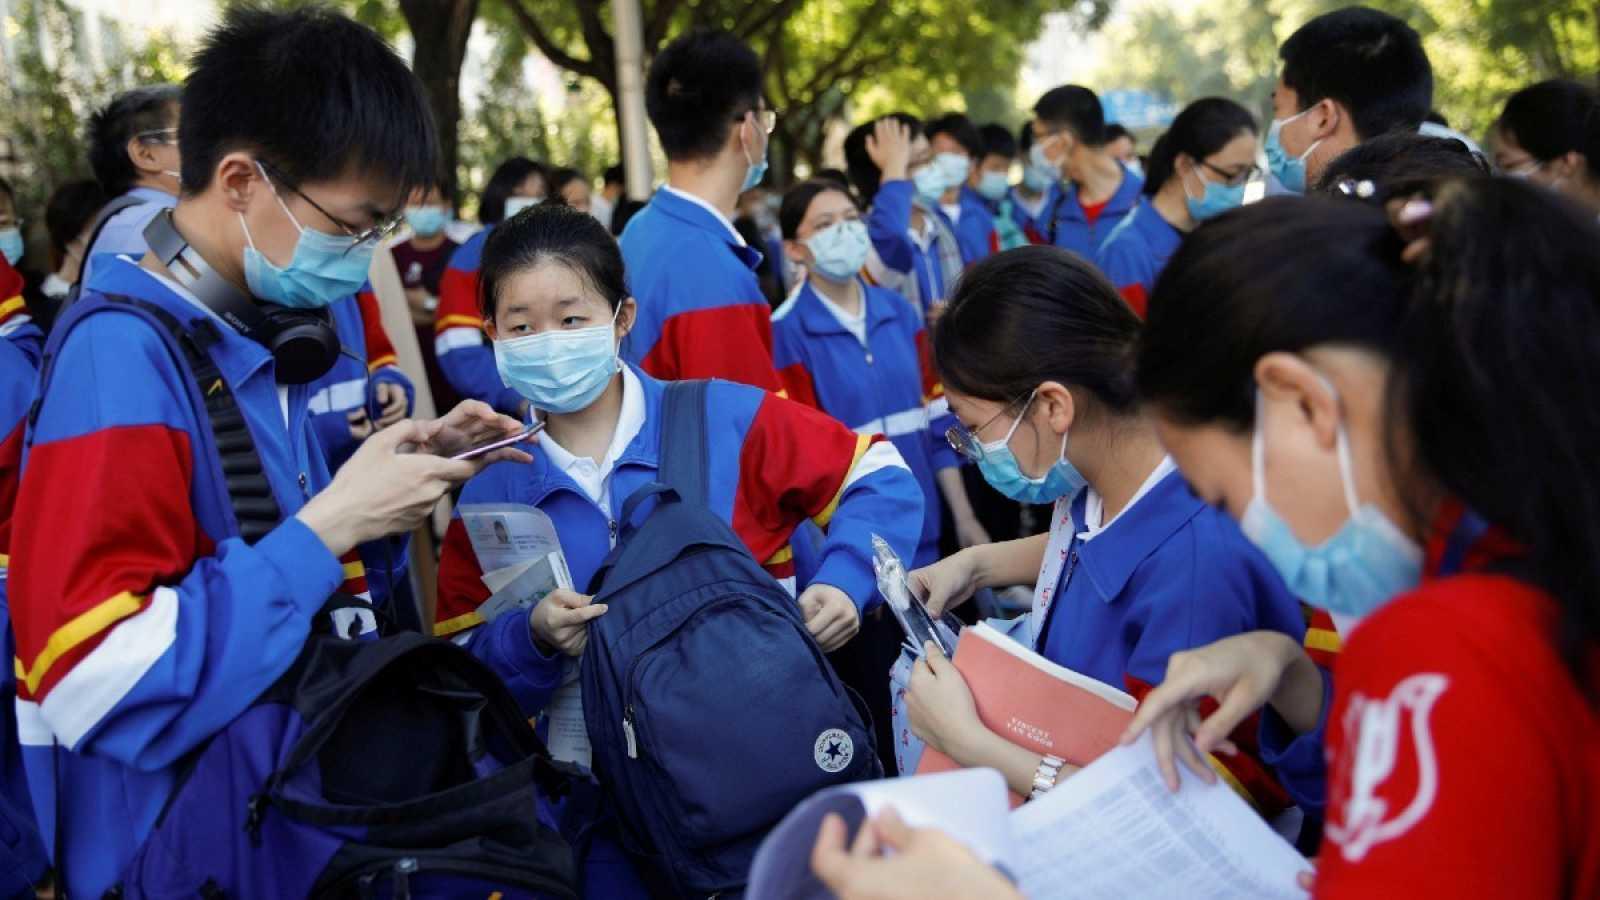 """Un grupo de estudiantes con mascarillas se preparan antes de entrar al examen anual nacional de ingreso a la universidad, o """"gaokao"""", que ha sido pospuesto un mes debido al brote de coronavirus, en Pekín, China."""